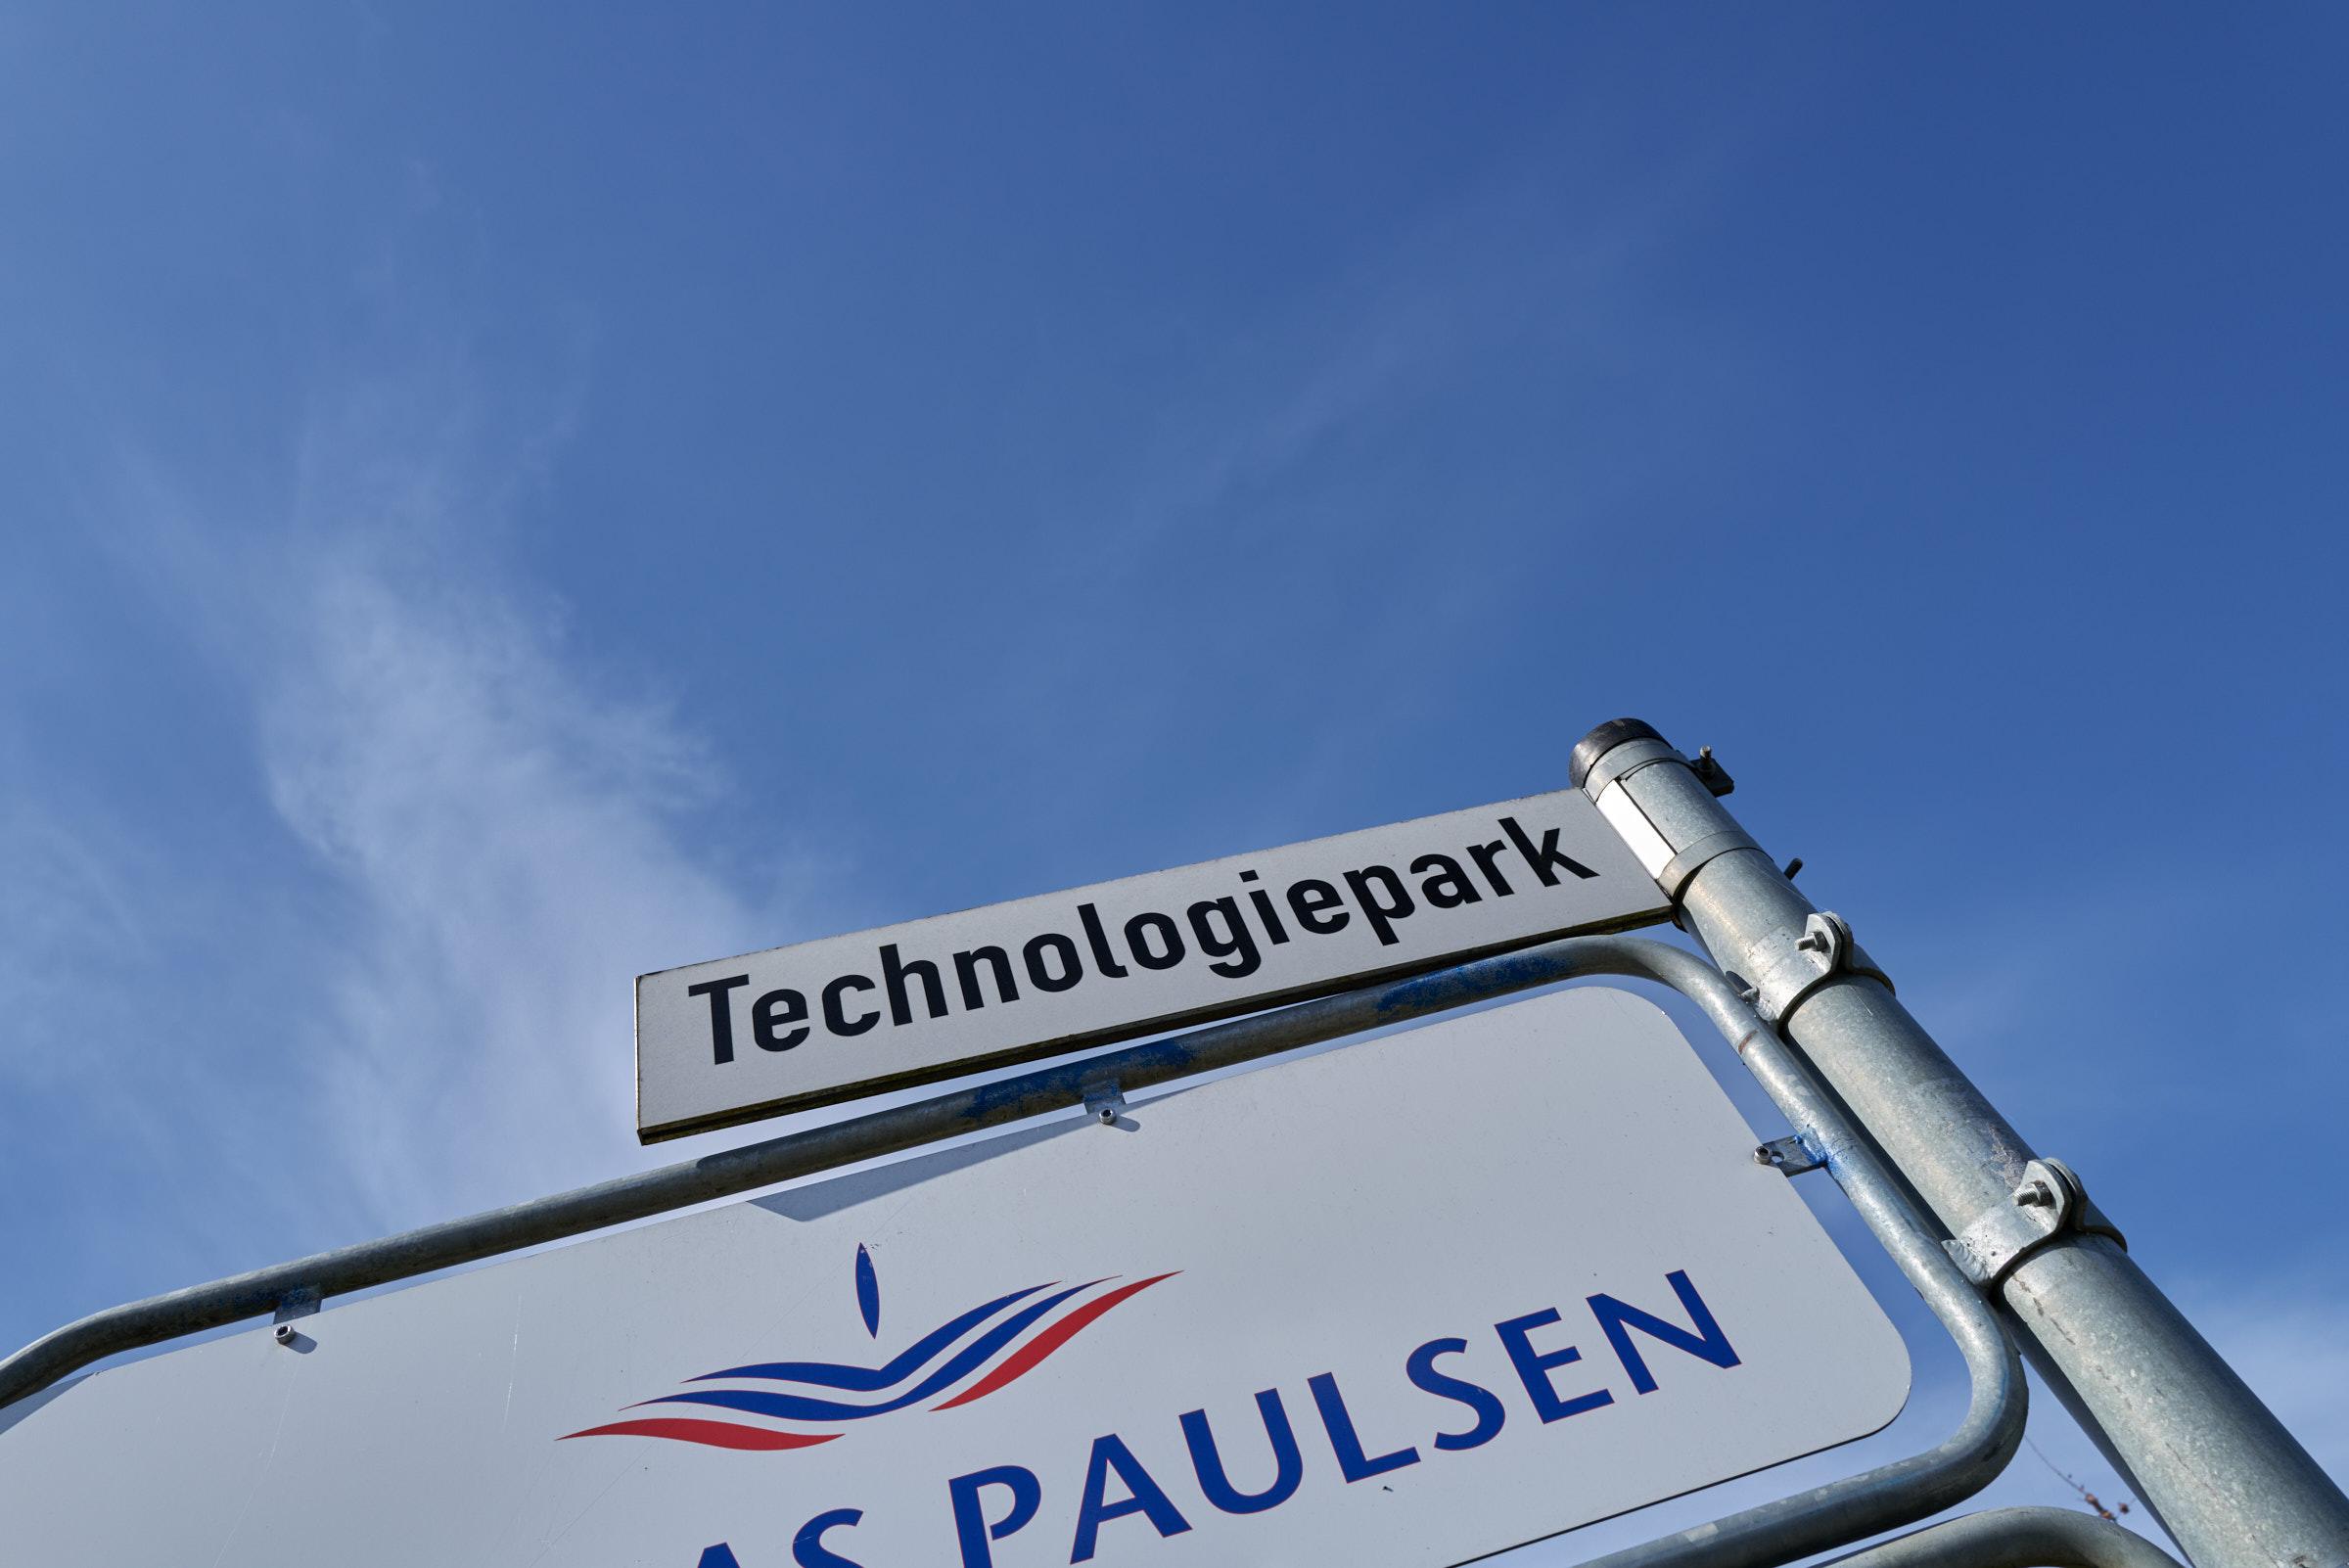 Technologiepark_3